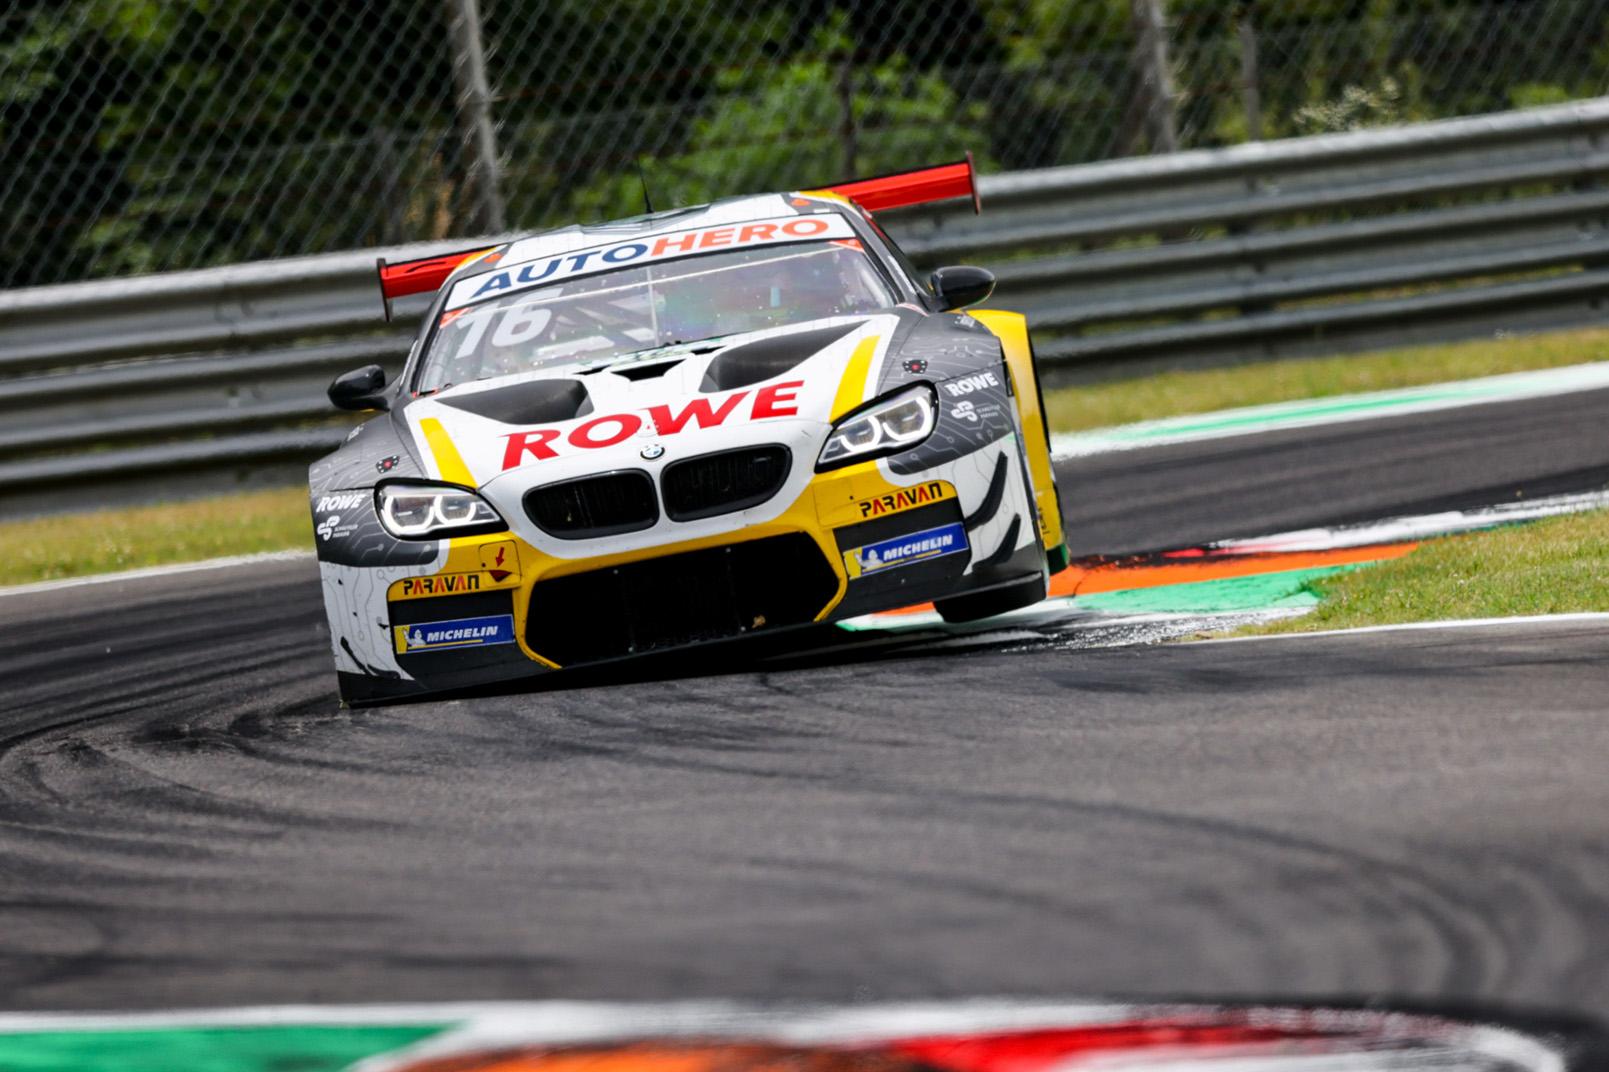 ROWE RACING geht steil: Rennpremiere in Turn 1 am Lausitzring und Rückkehr der Fans